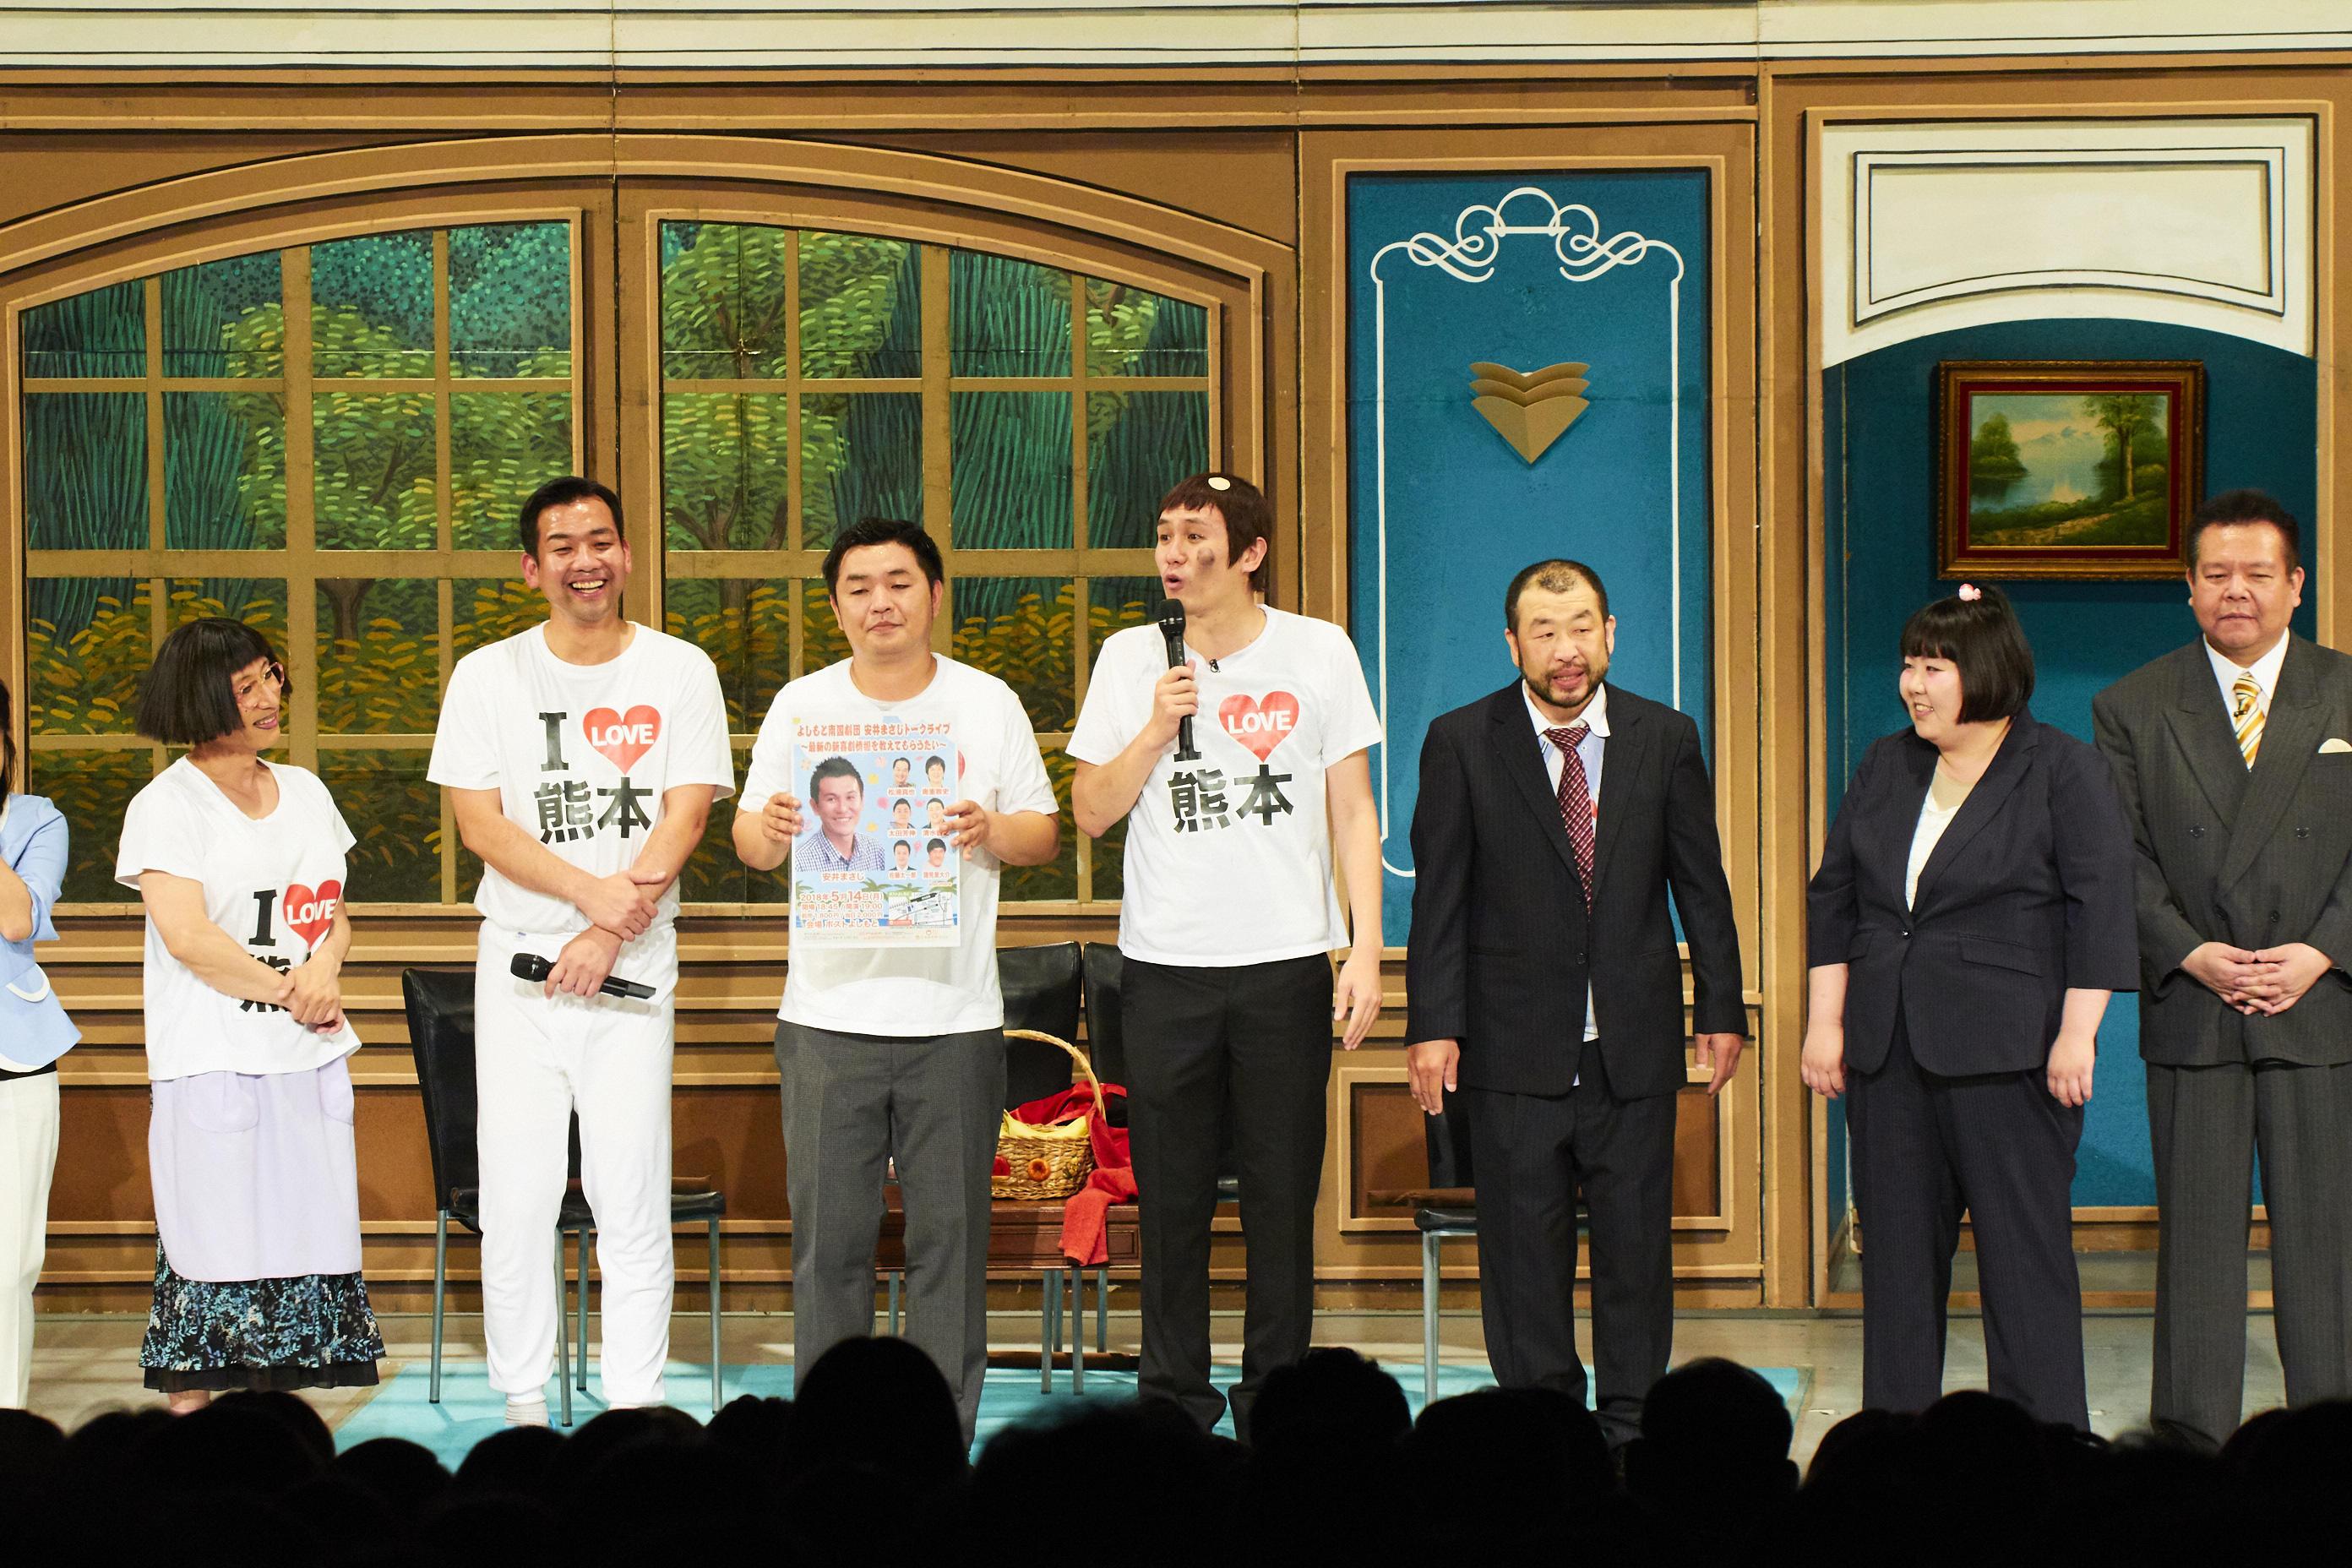 http://news.yoshimoto.co.jp/20180516003248-795259d55904df83b64a2c5b6c5facc9add70890.jpg